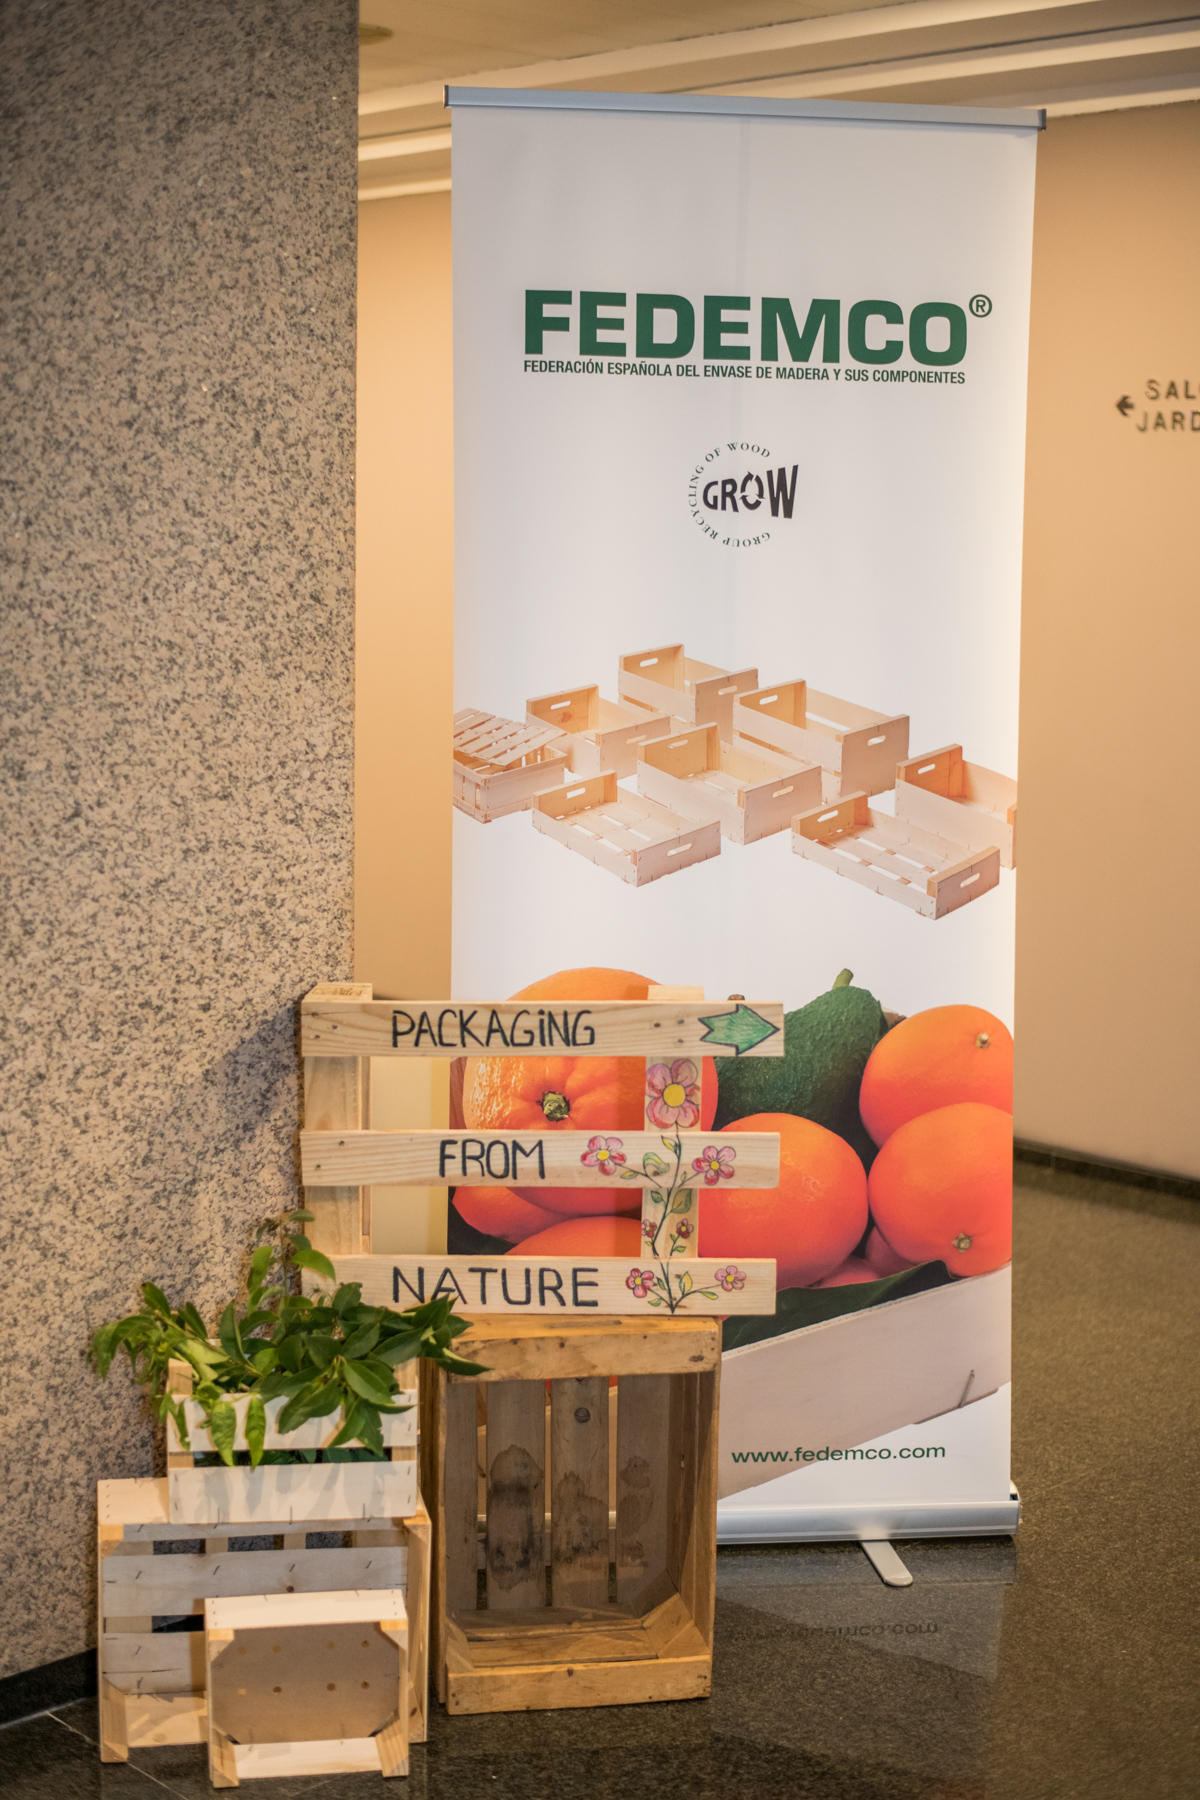 Fedemco